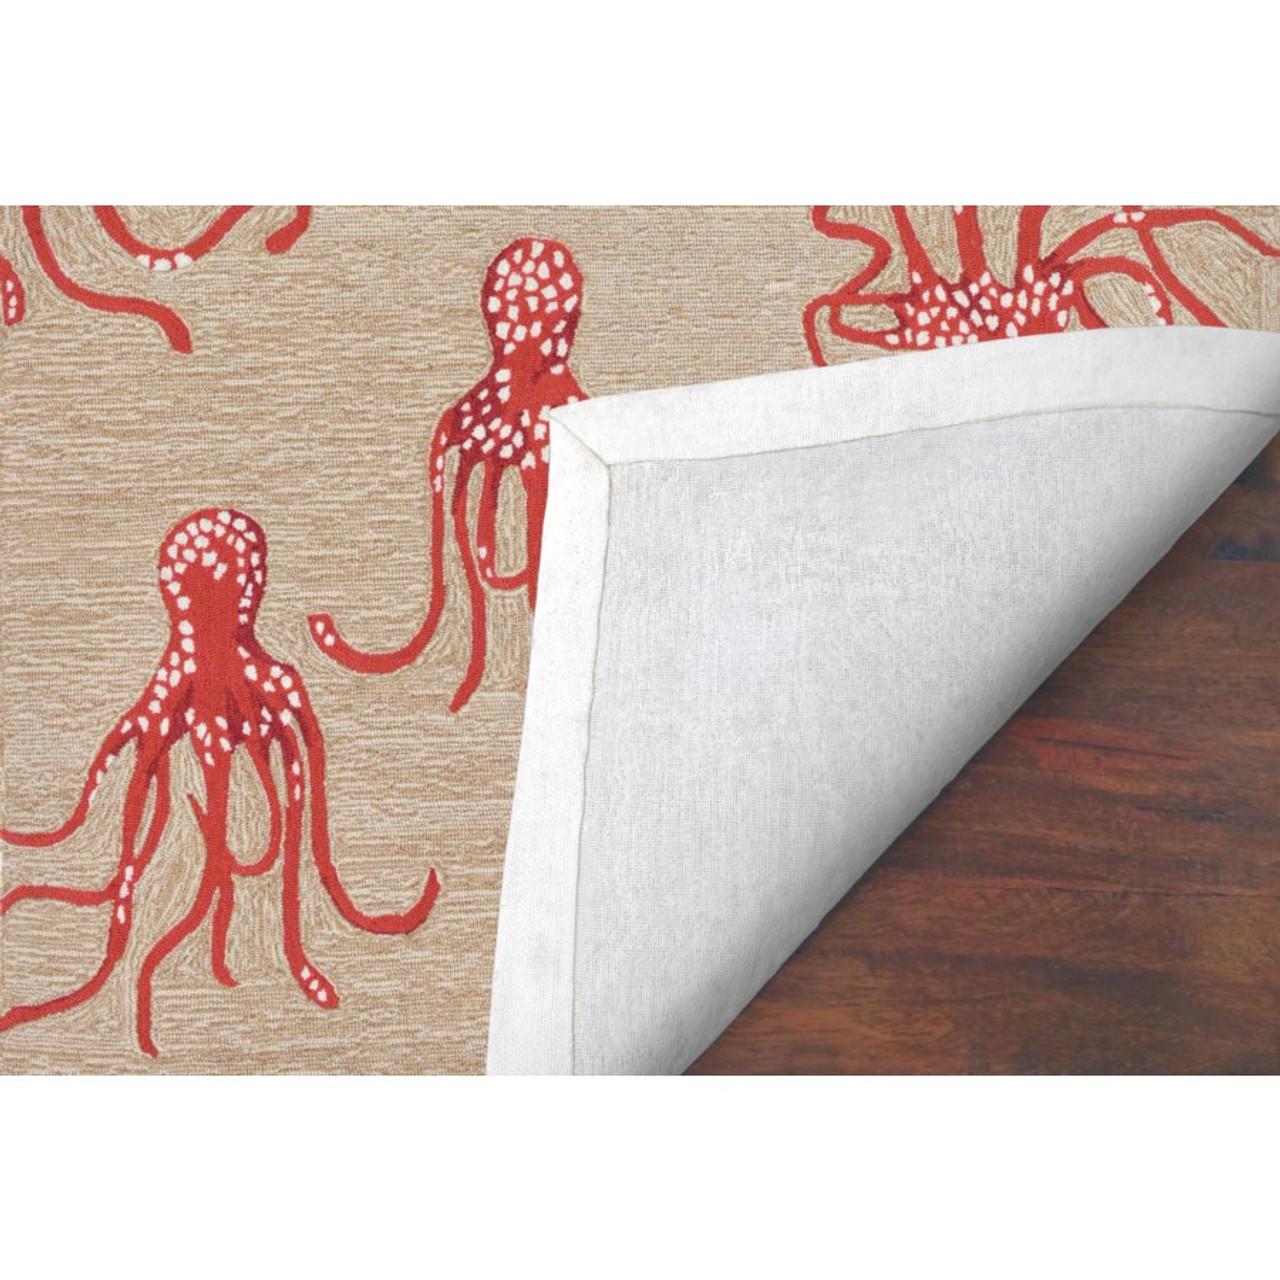 Coral Capri Octopus Indoor/Outdoor Rug - Backing